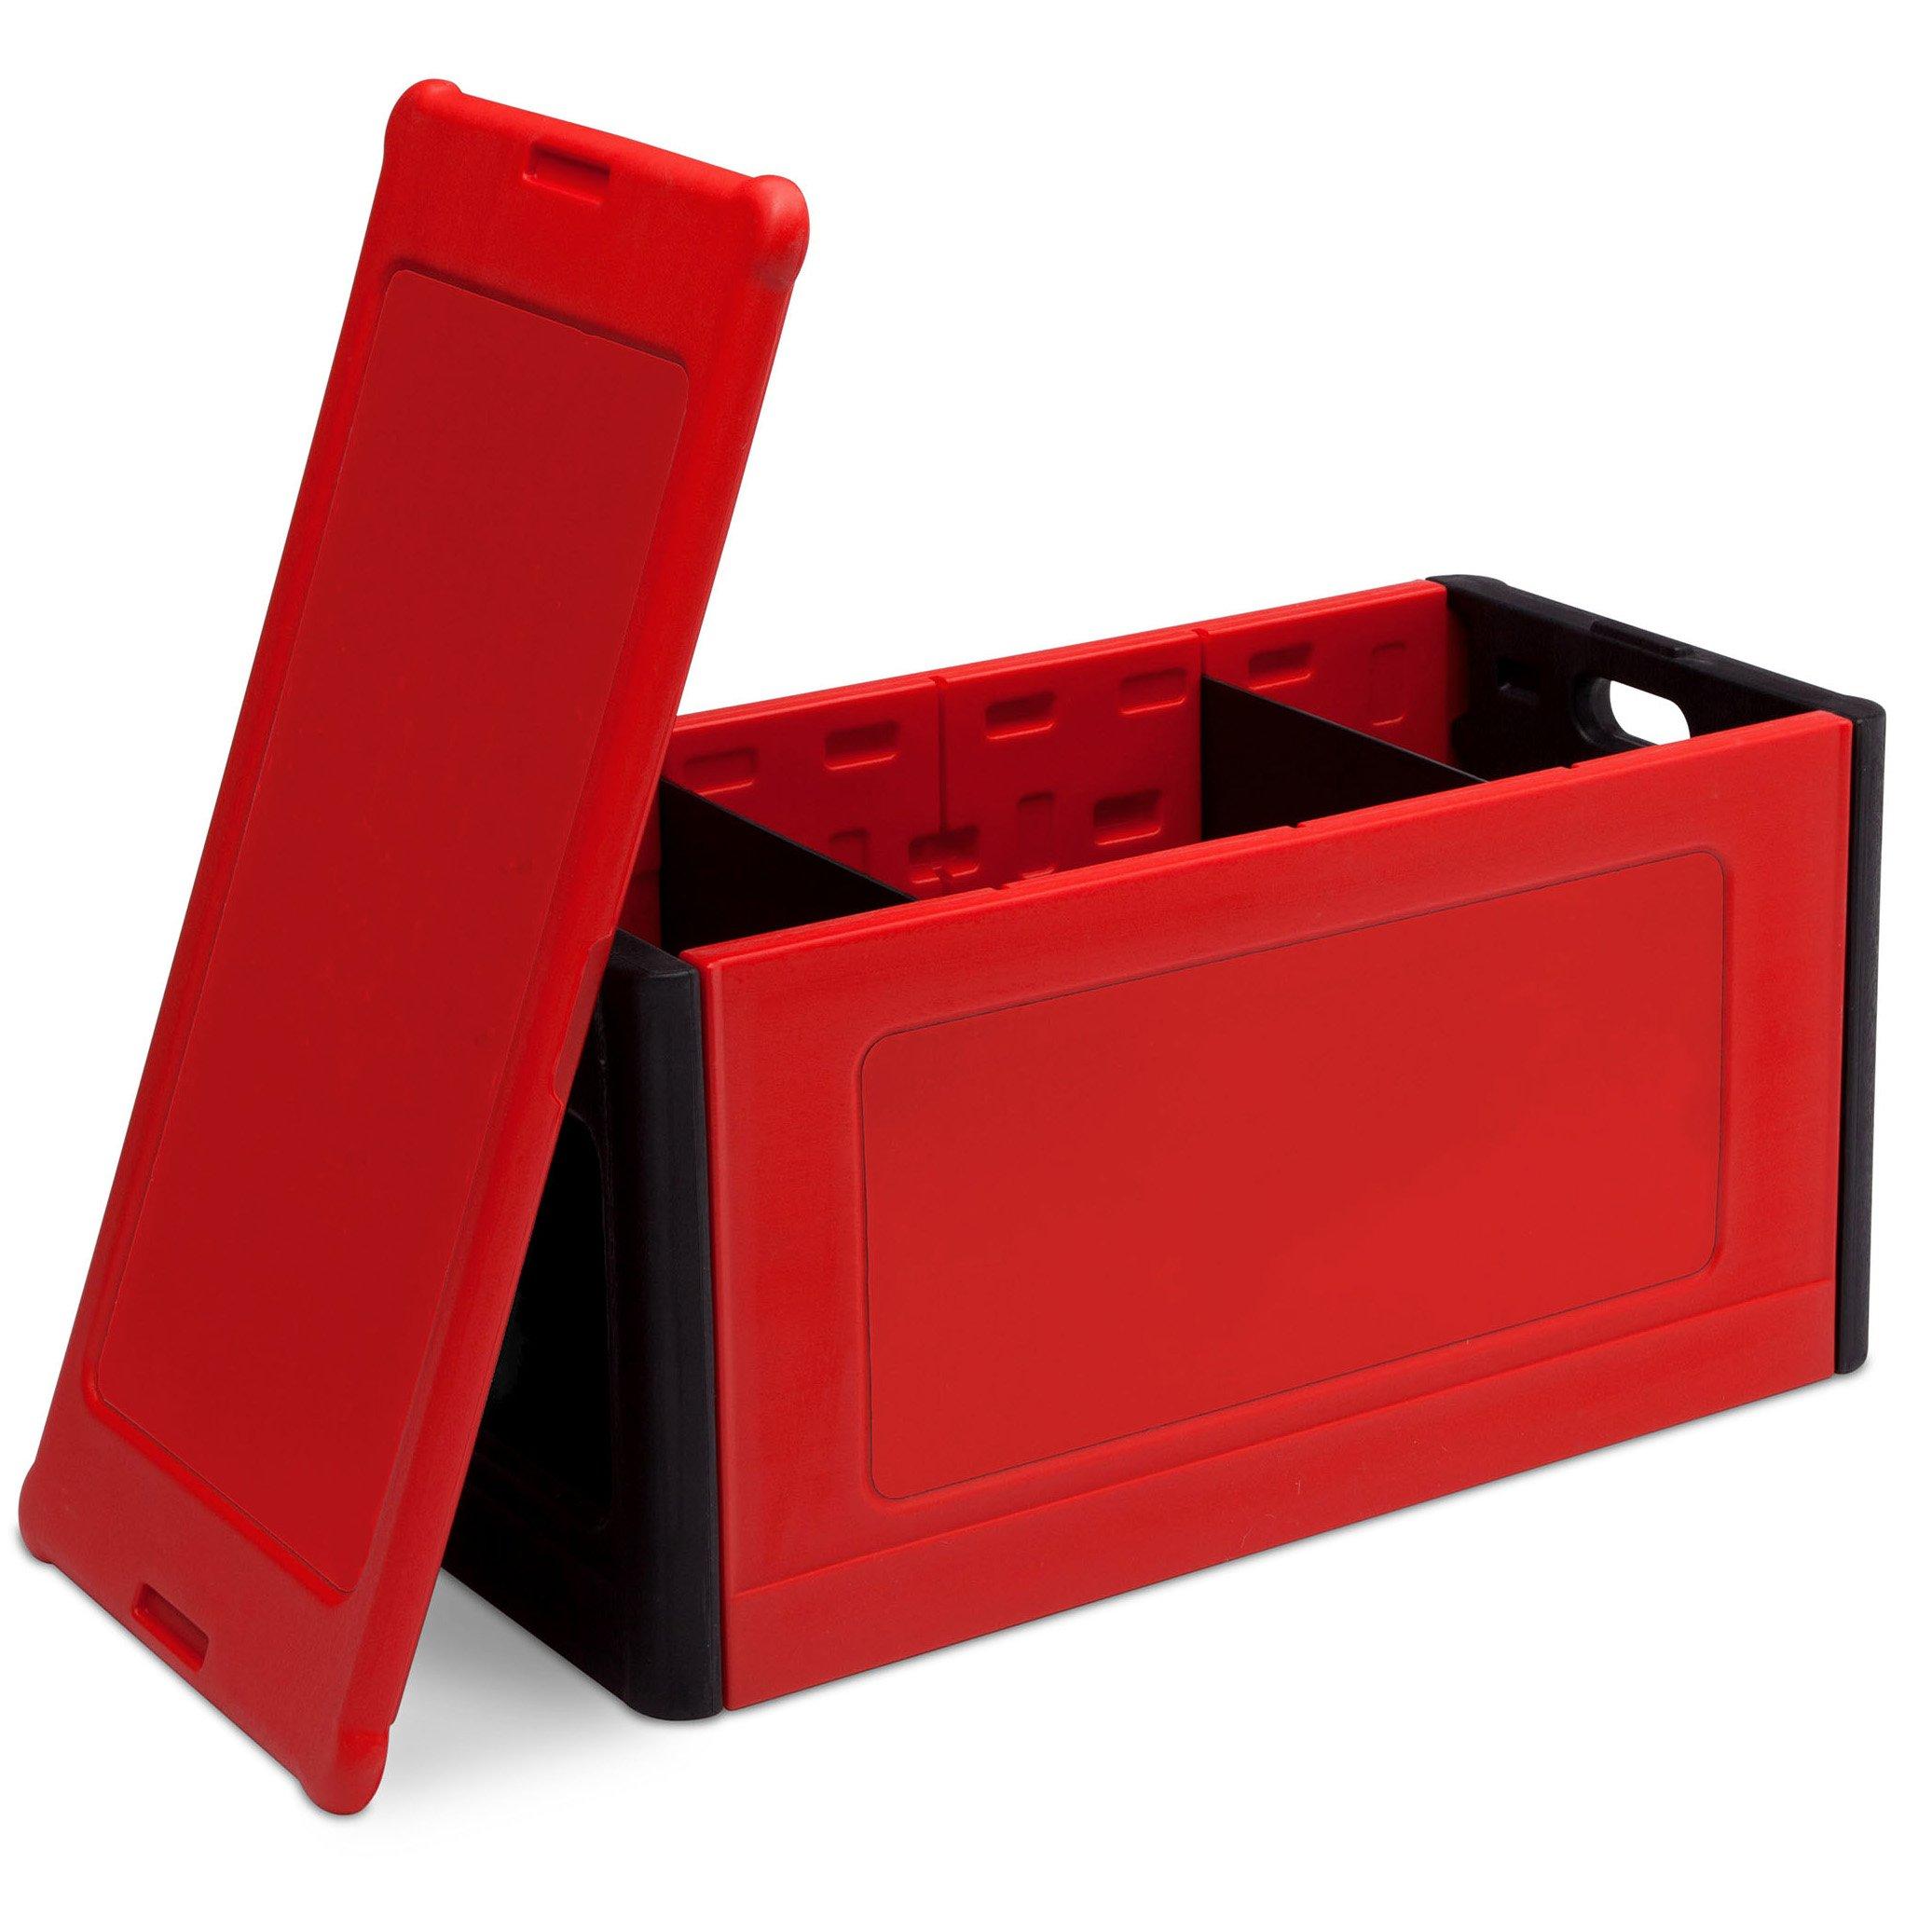 Delta Children Store and Organize Toy Box, Red by Delta Children